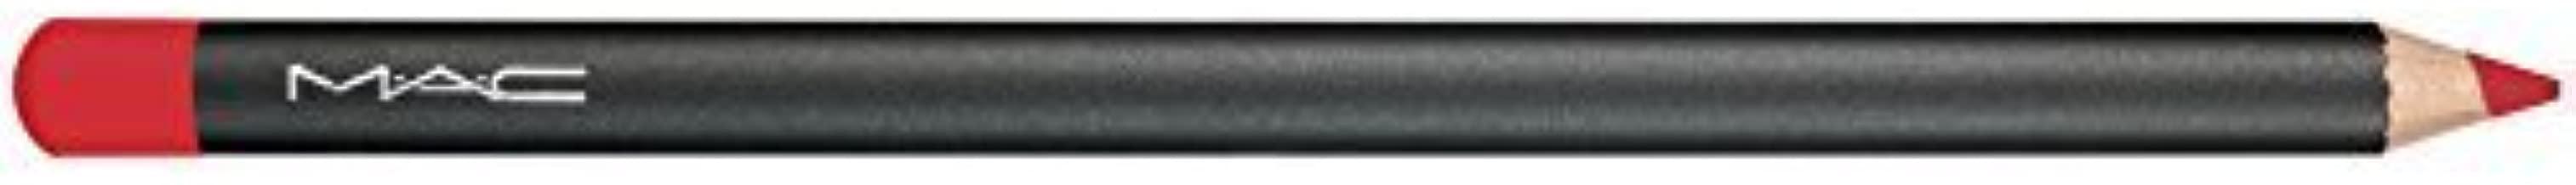 MAC Lip Pencil RUBY WOO by M.A.C